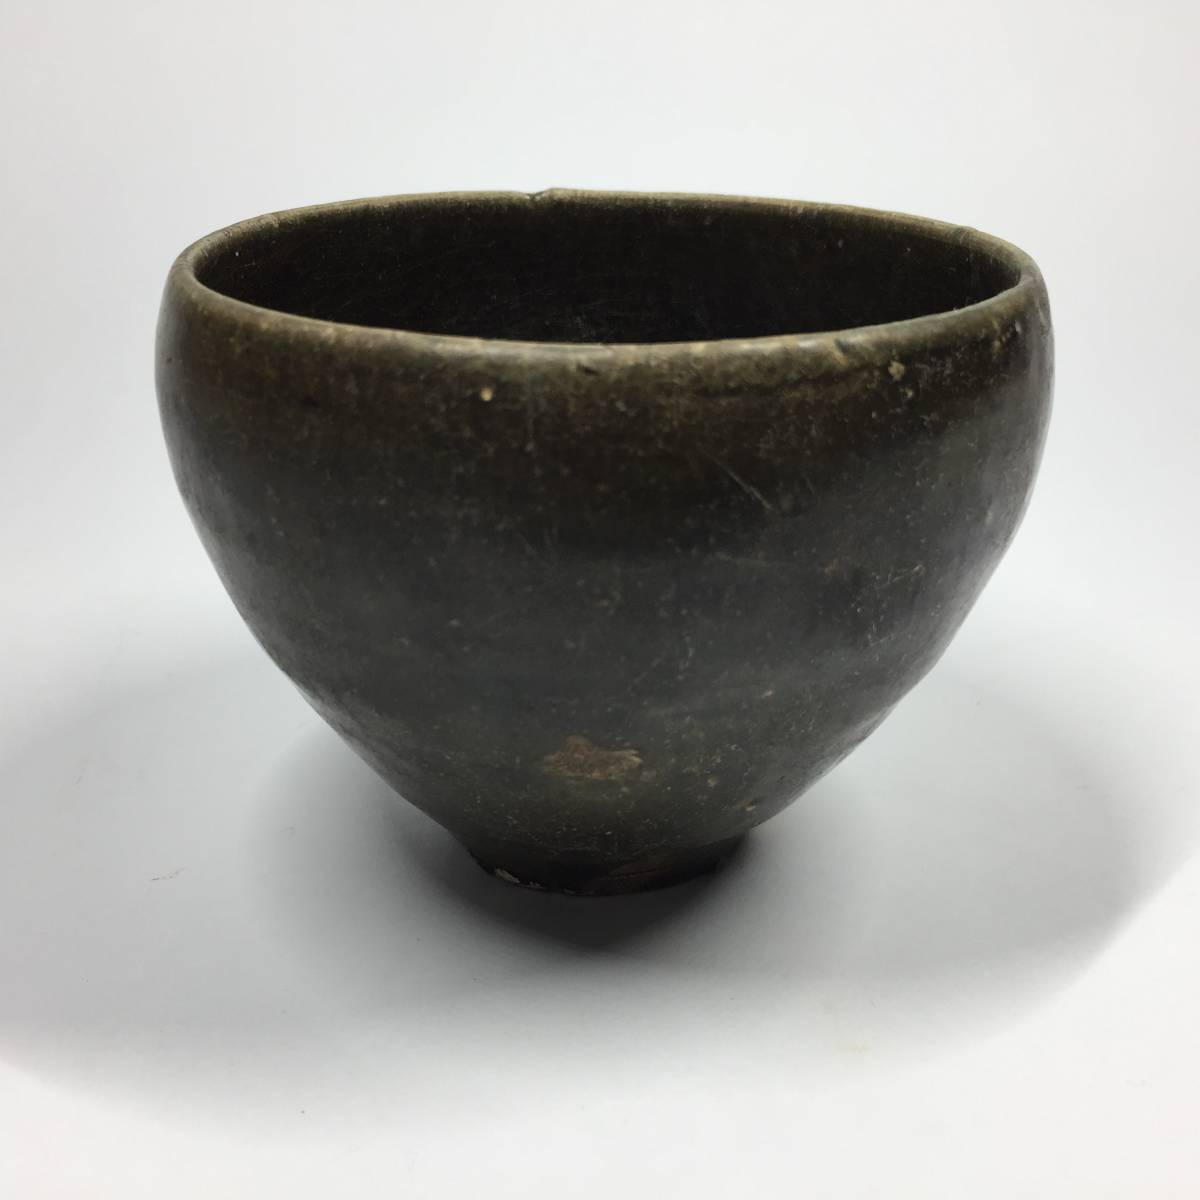 高麗末期~李朝初期 黒高麗のような黒釉筒茶碗・筒盃